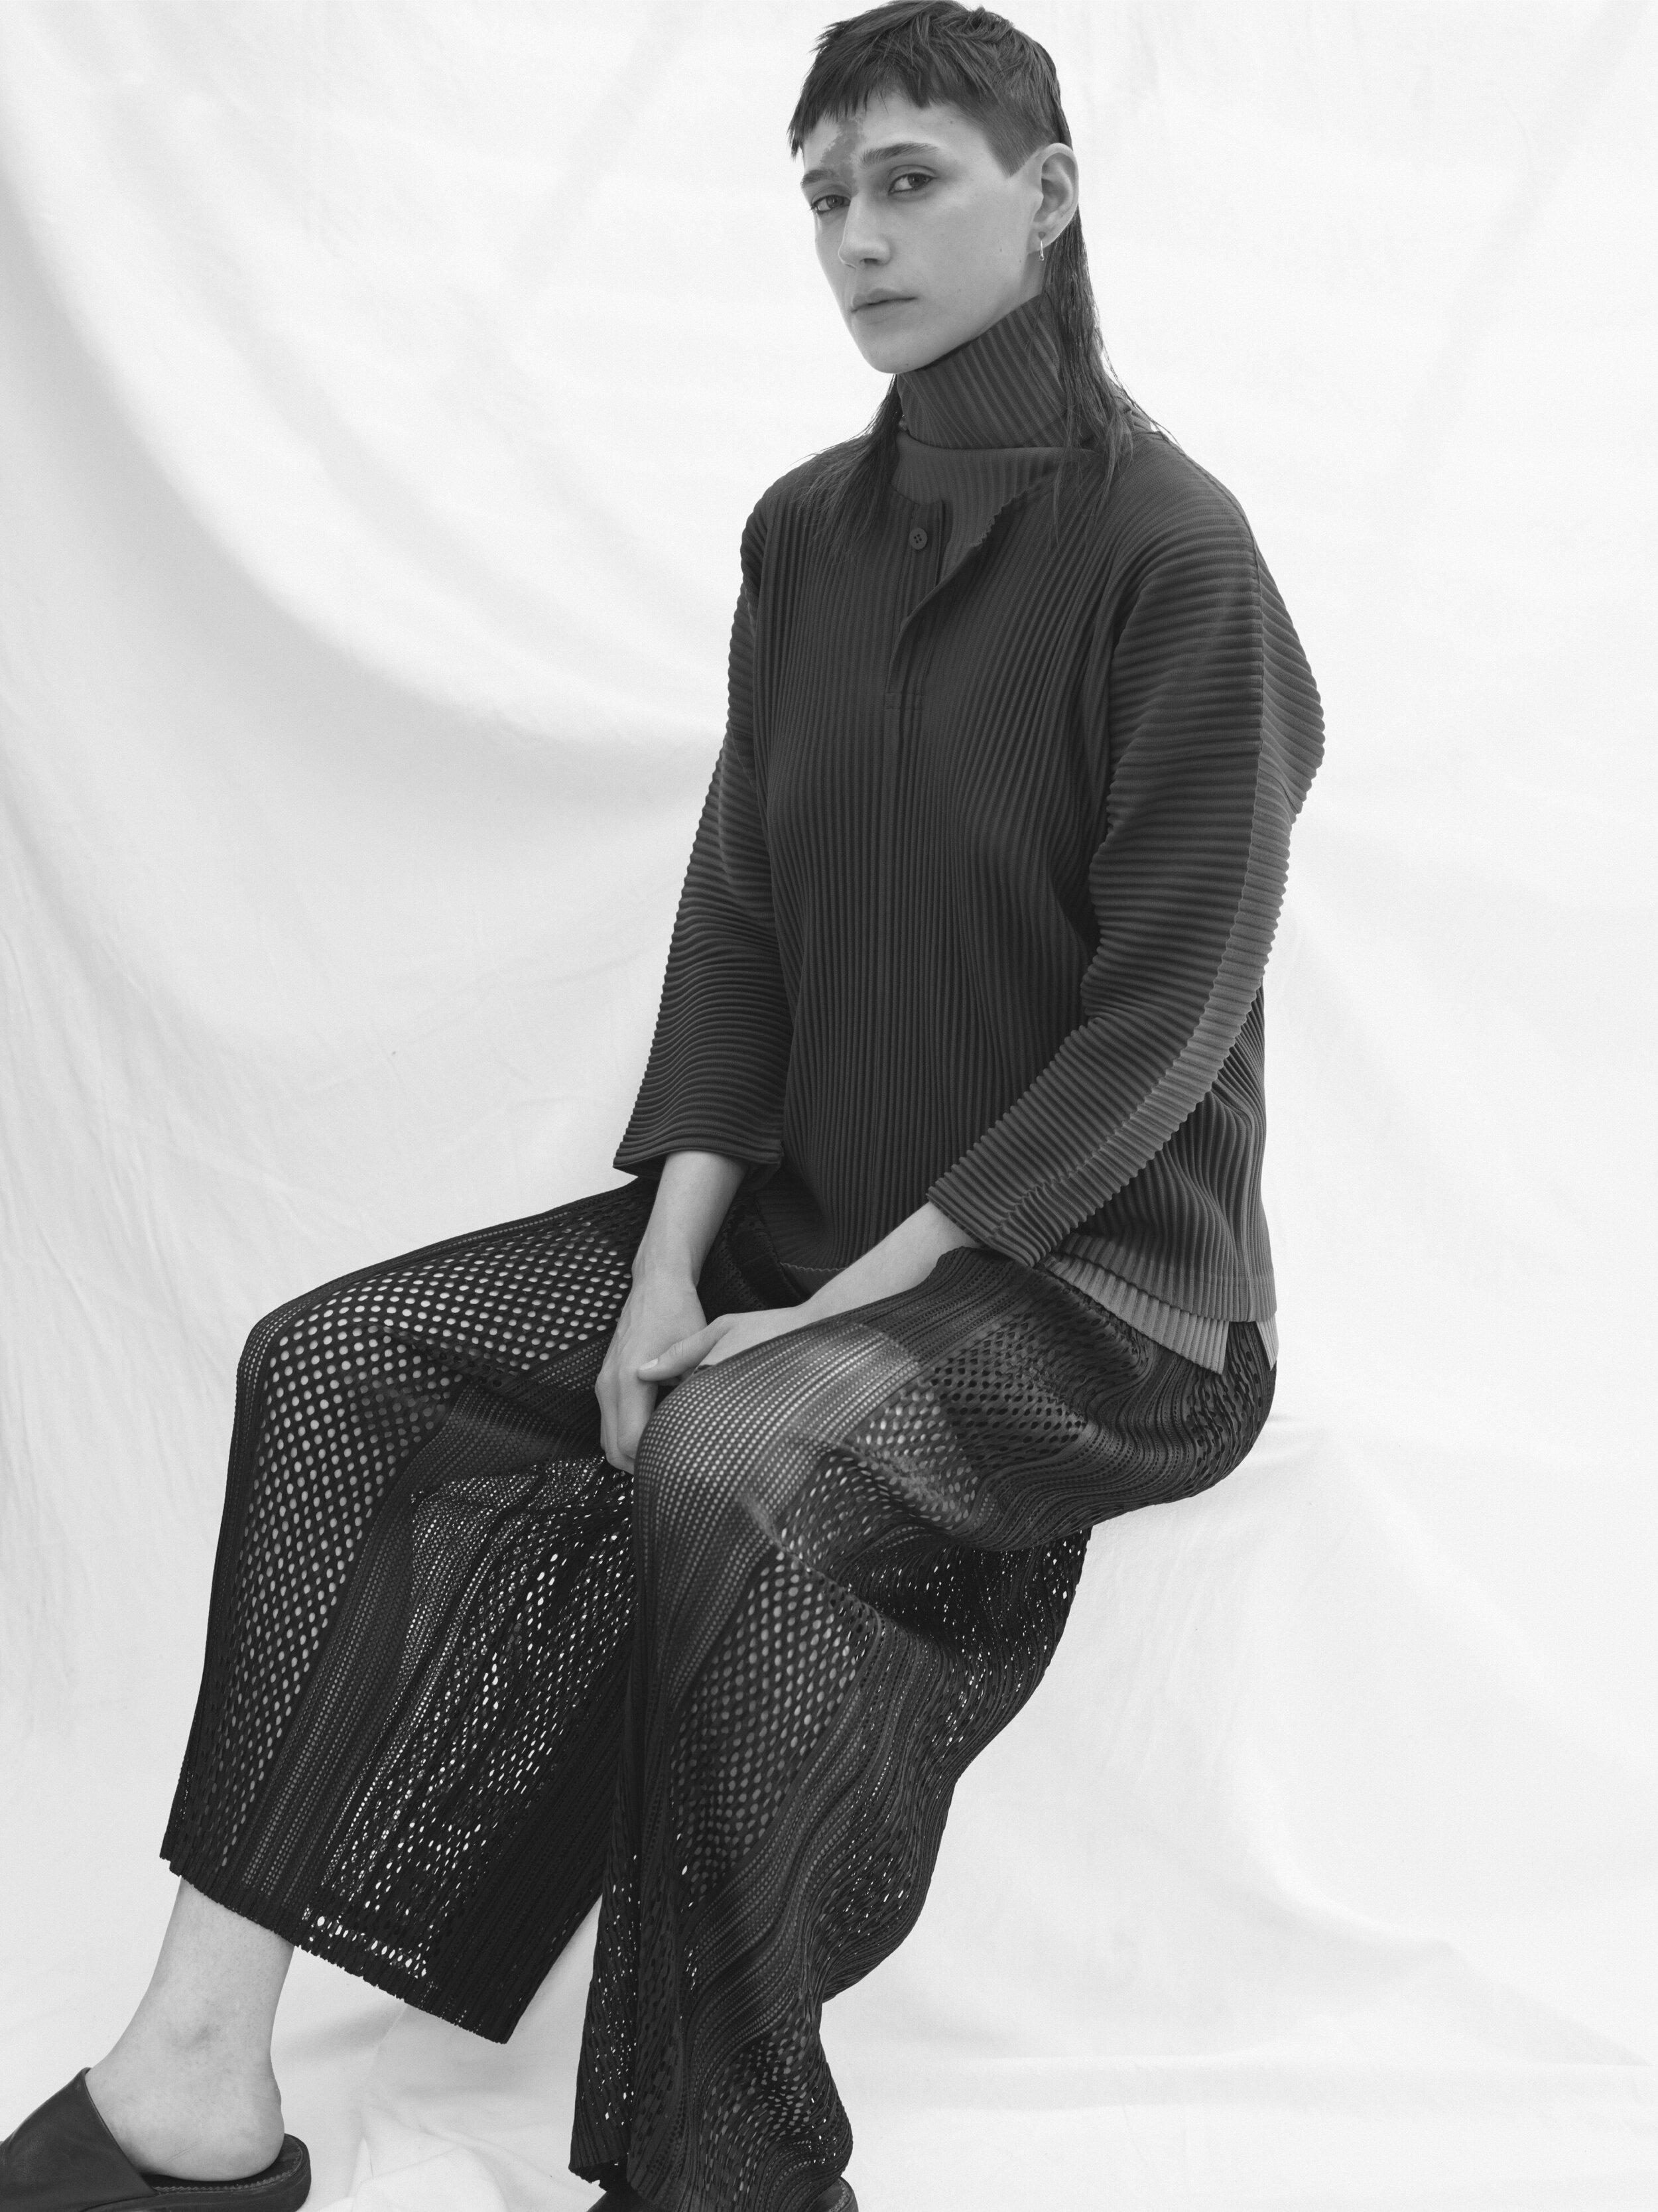 Rudolfs-Packevics-collectiveinteresrt-YvesBorgwardt-InterviewGermany-2019-10.jpeg